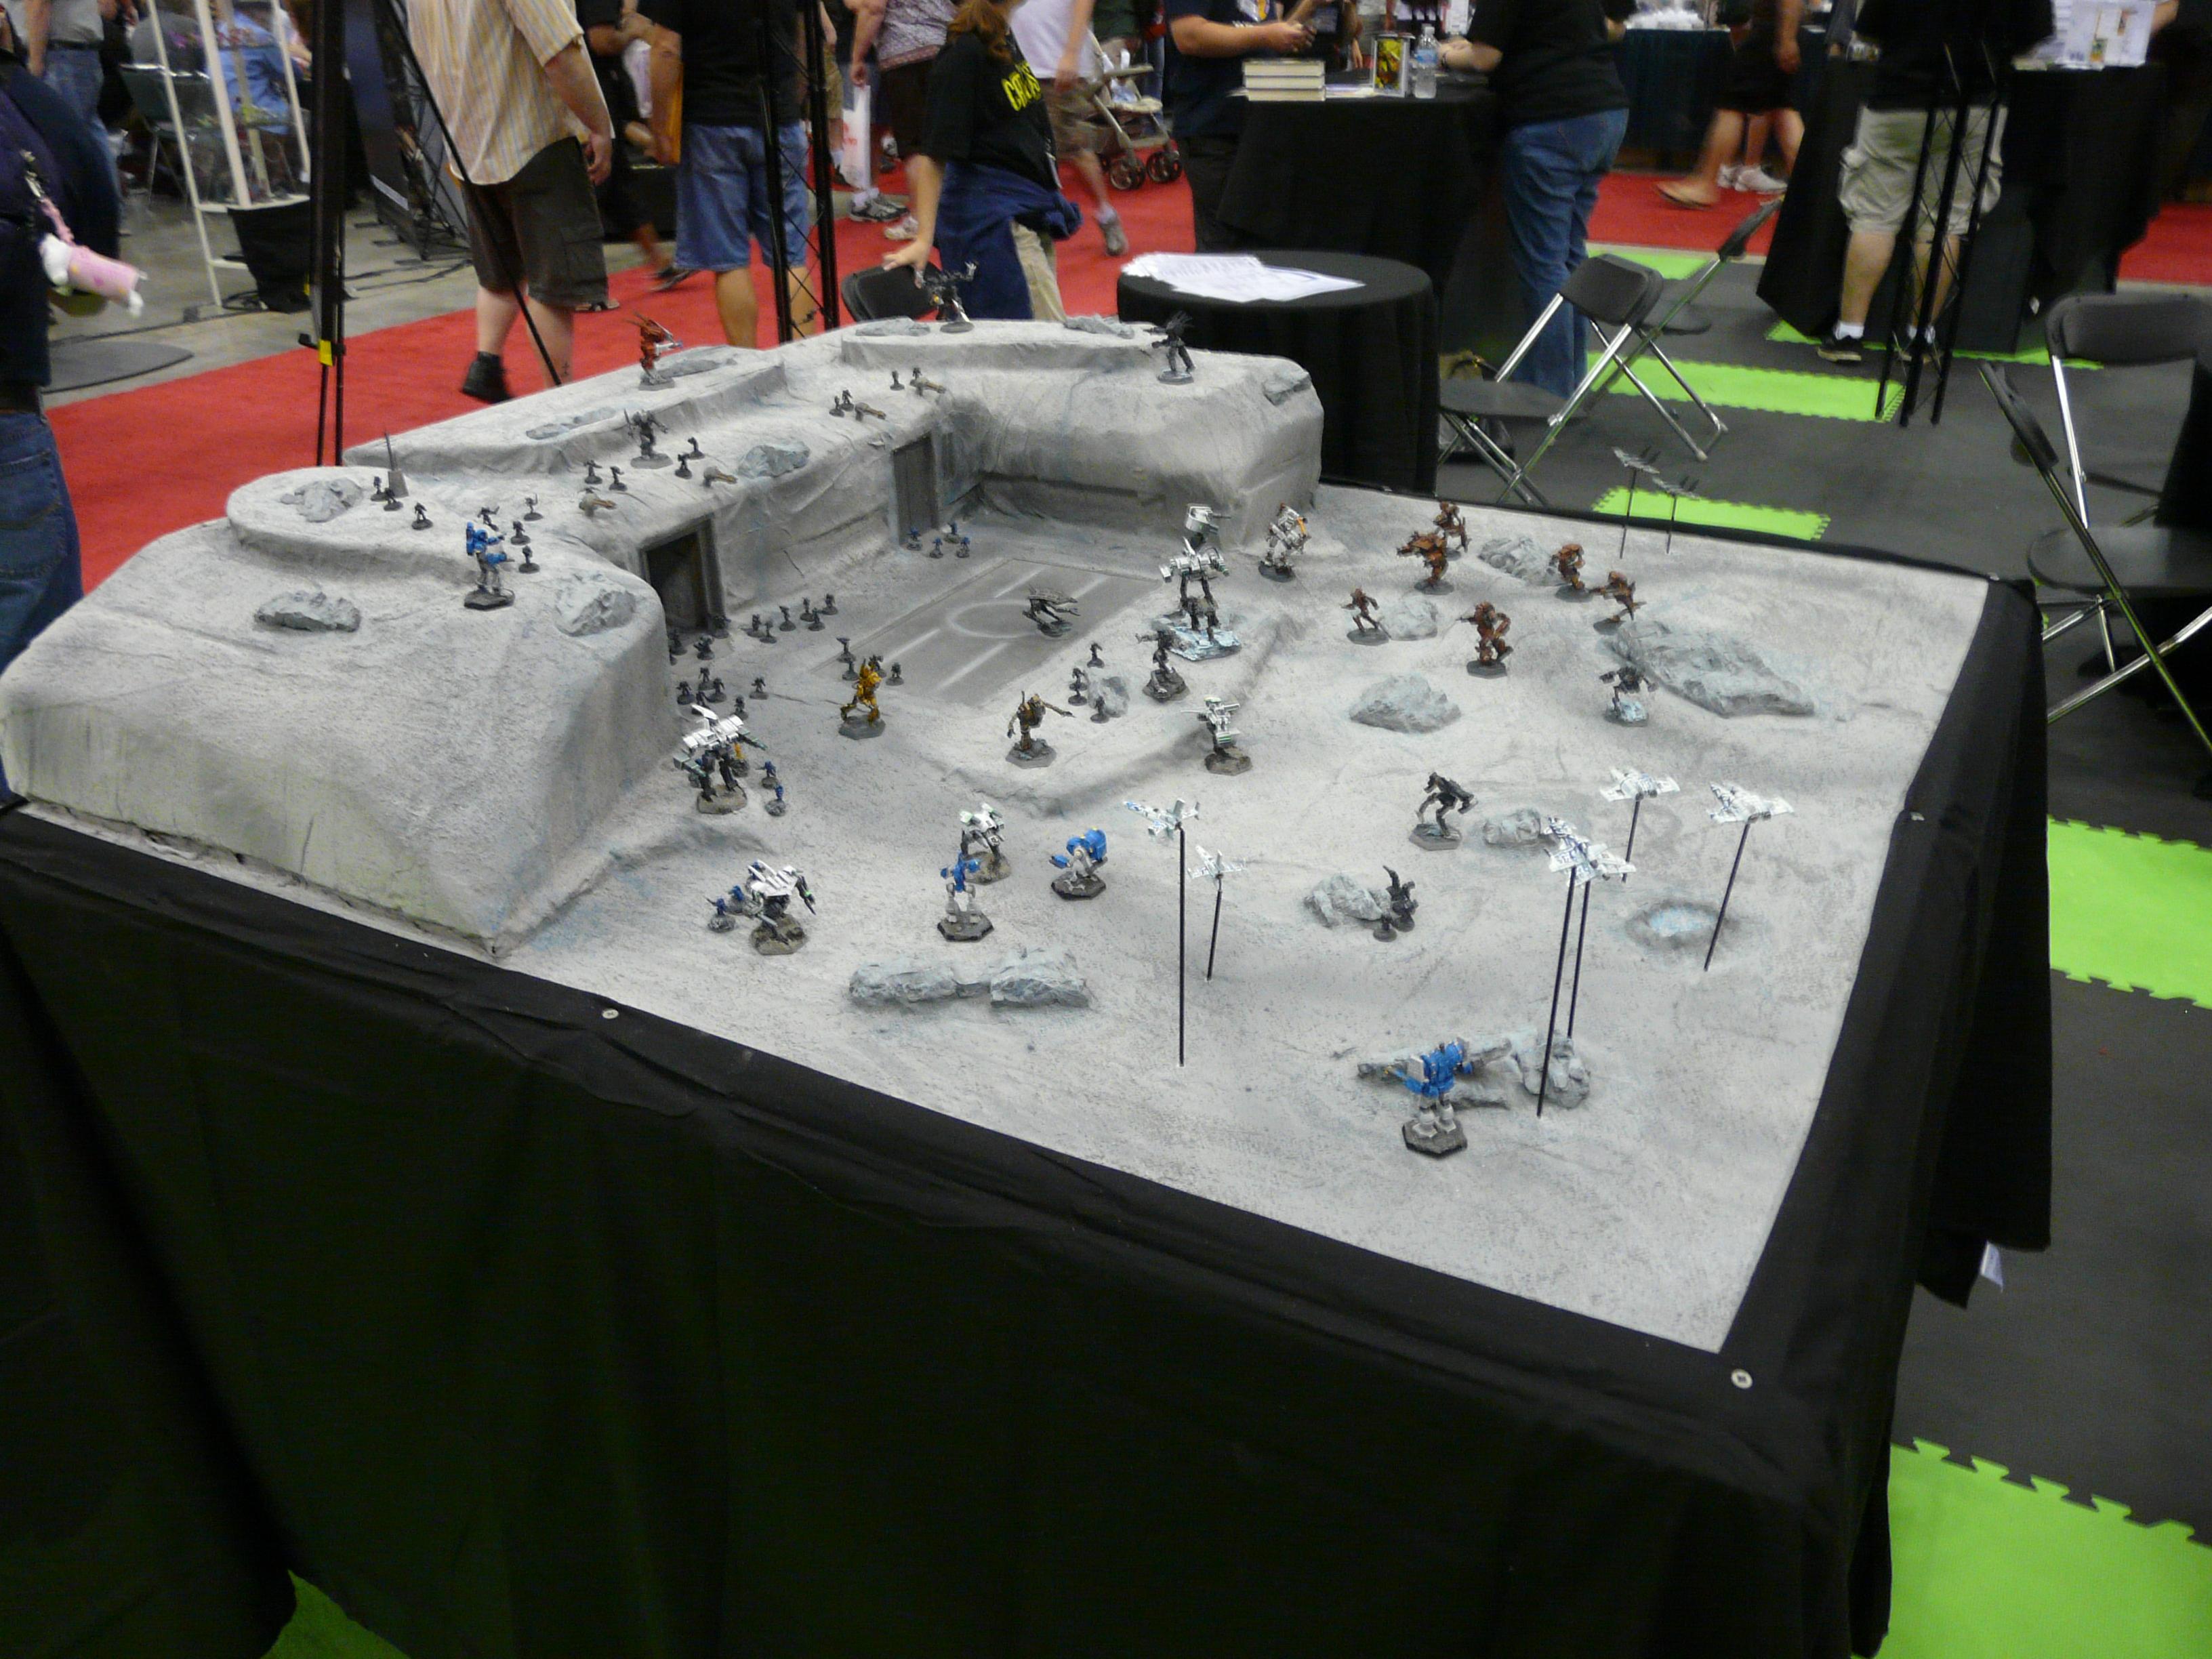 Gen_Con_Indy_2008_-_BattleTech_board.JPG